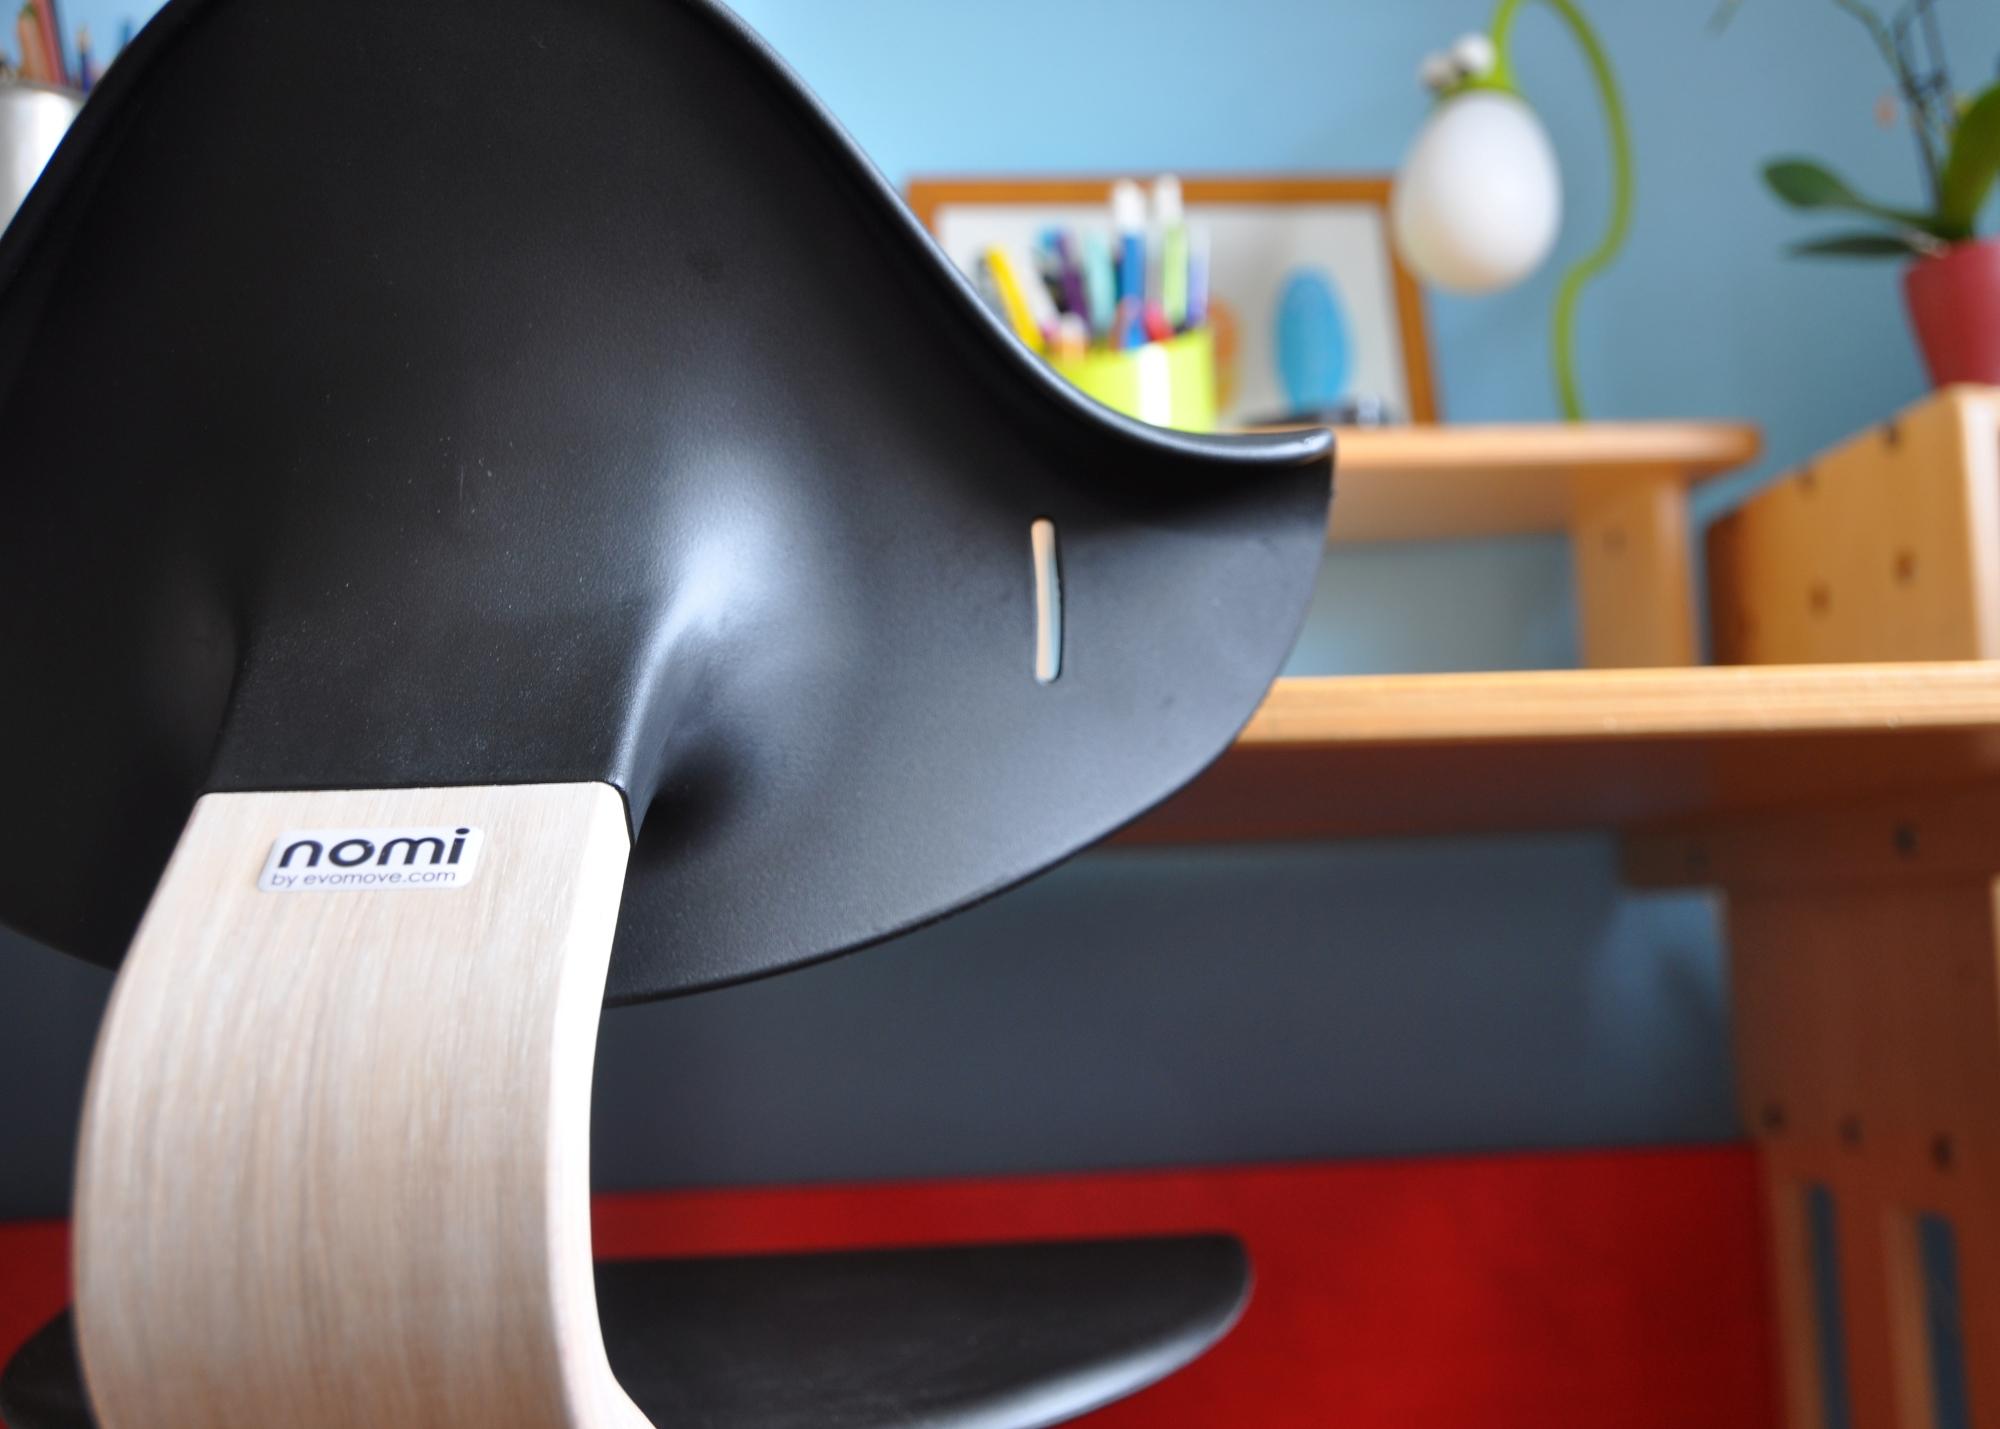 Nomi Schreibtischstuhl für aktive Kinder #Werbung